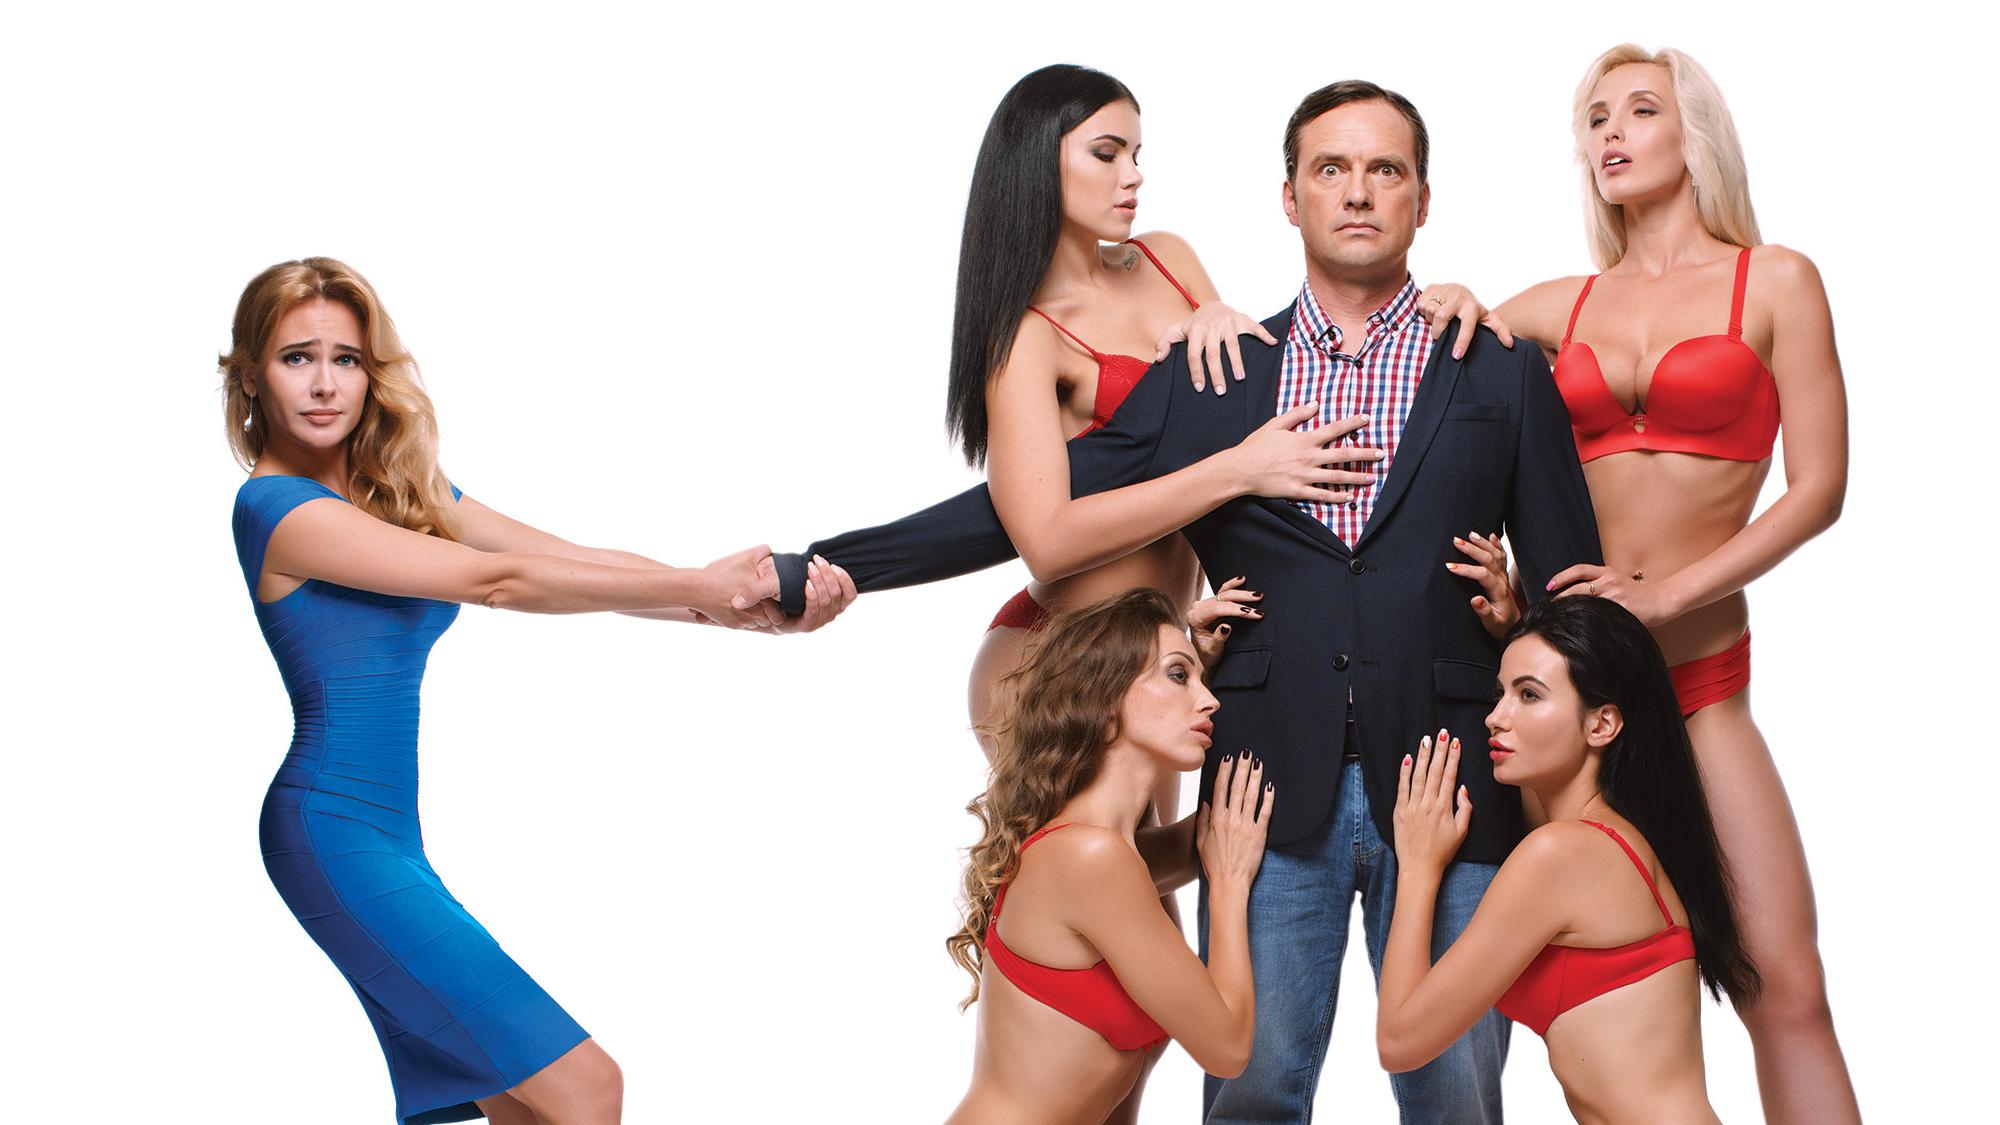 Секс-клуб с клубничкой смотреть онлайн фильм хорошего качества #6